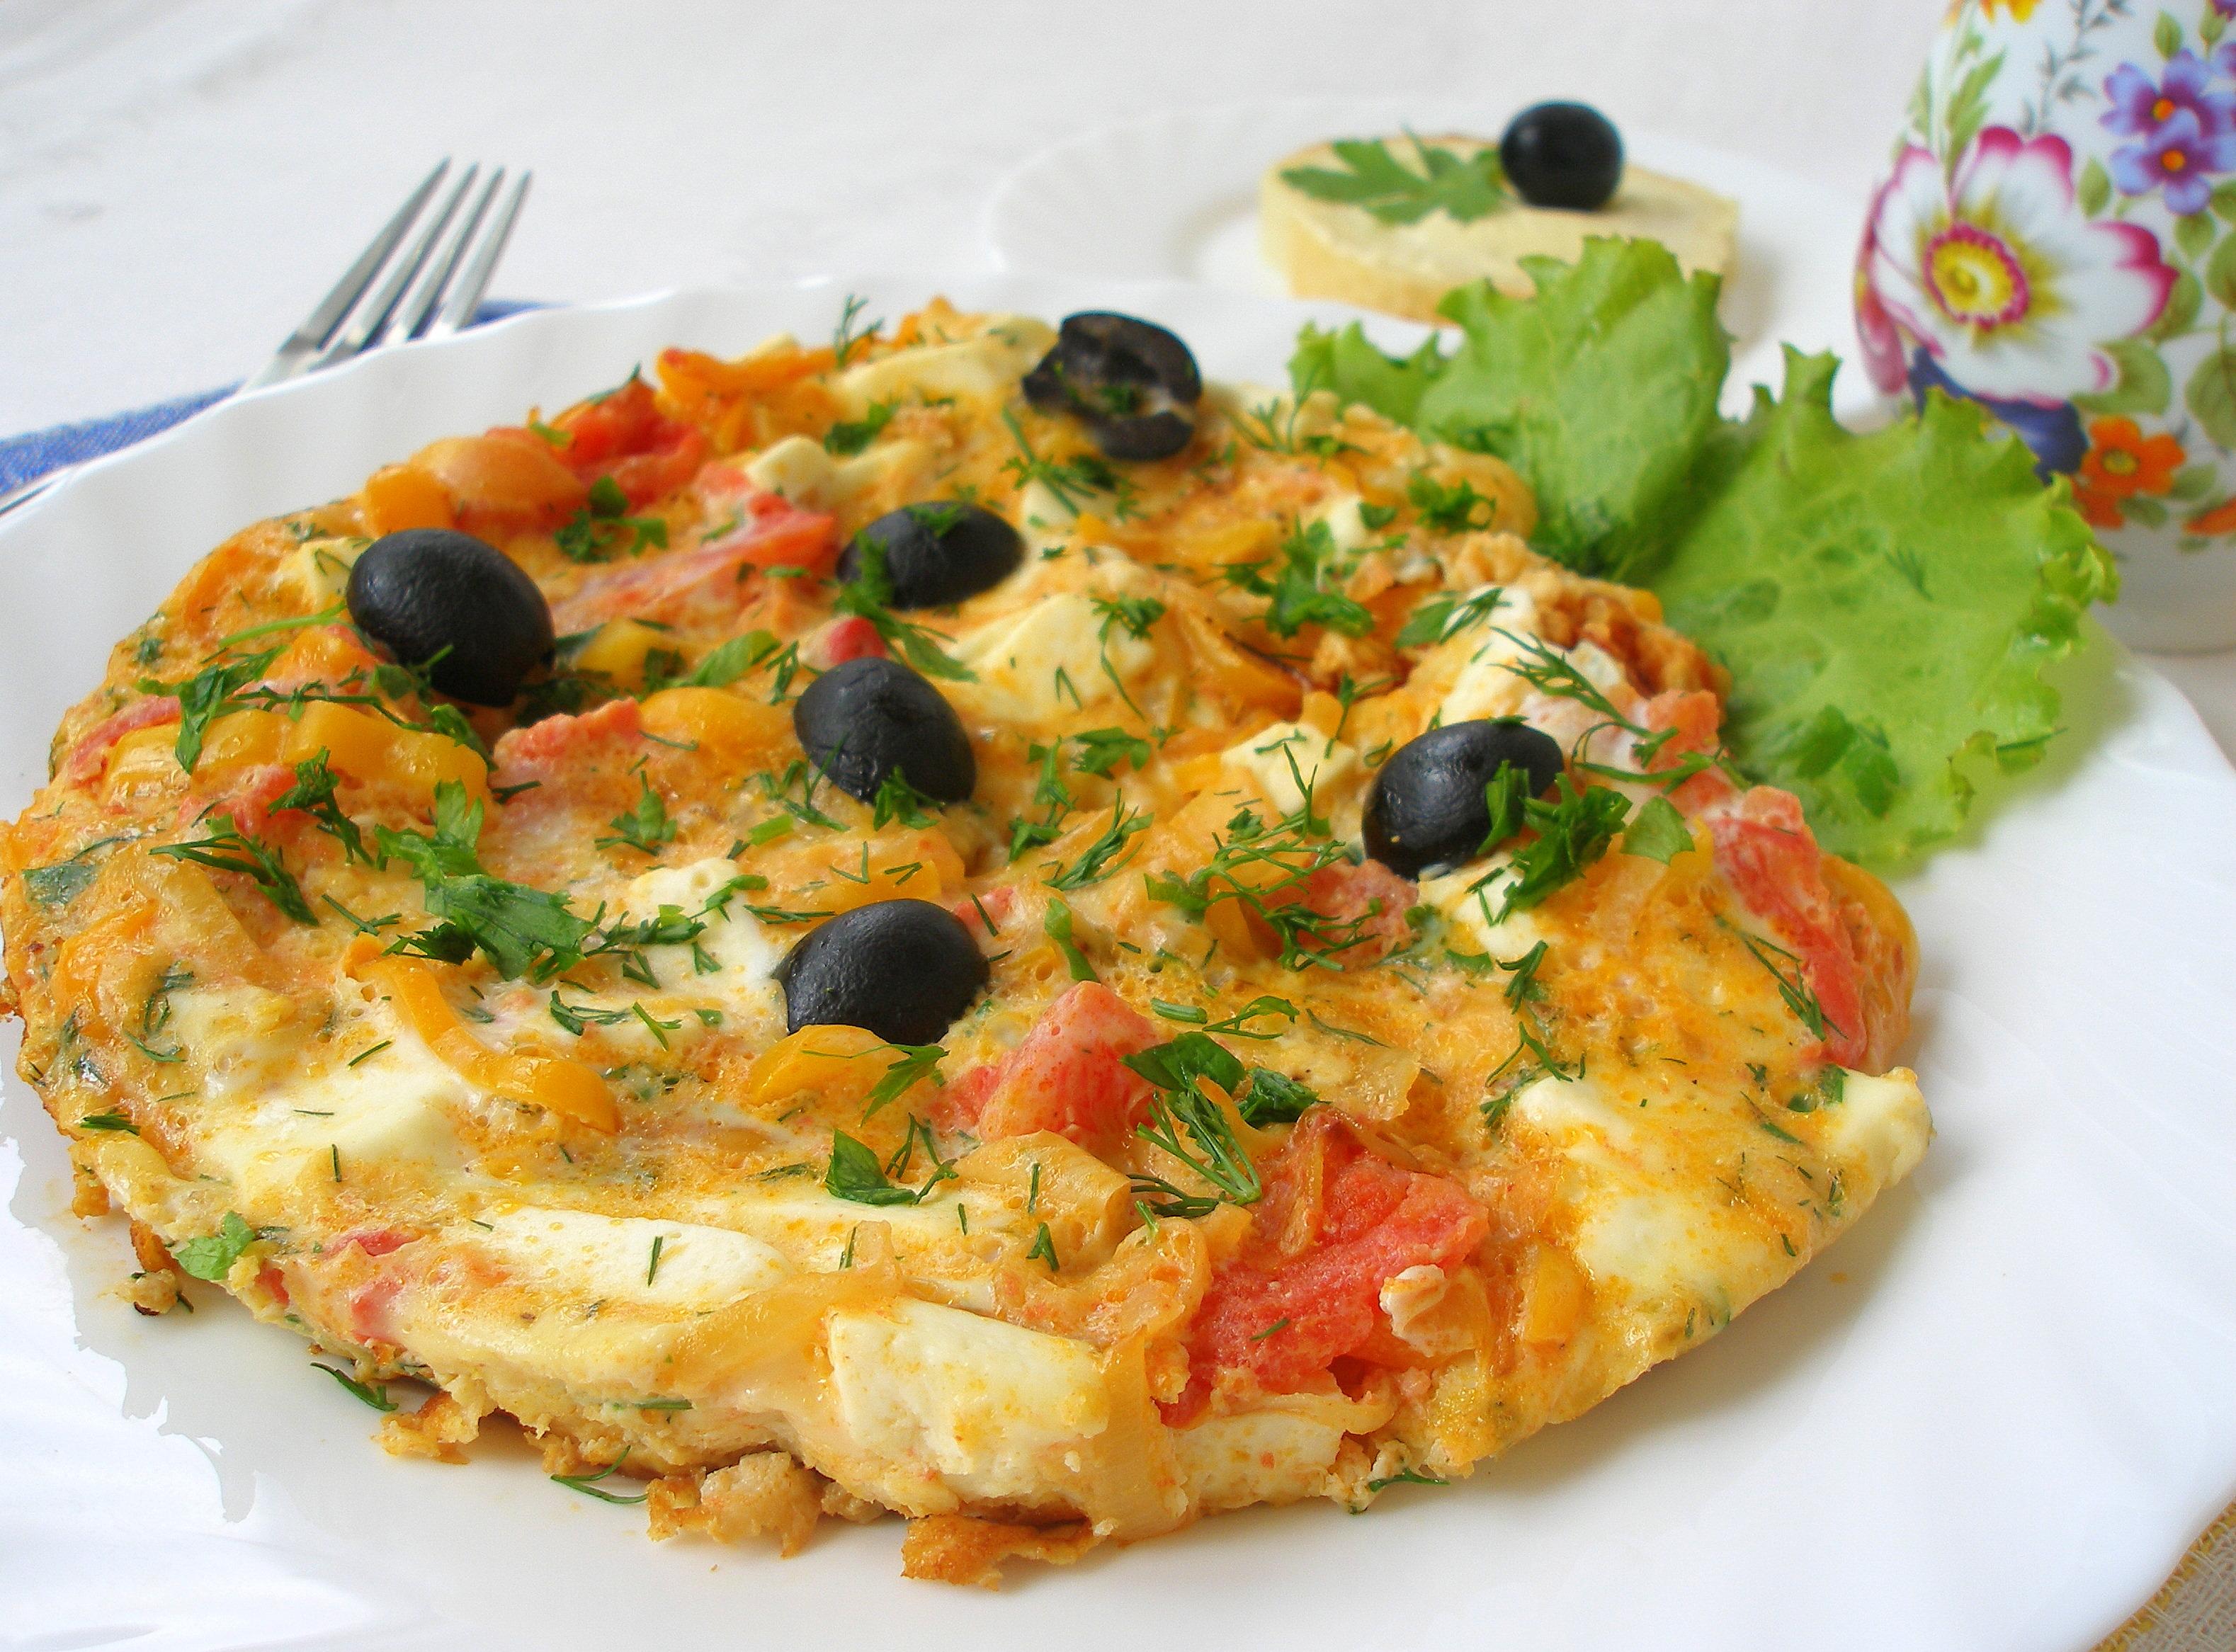 Болгарский рецепт как приготовить омлет с перцем и брынзой фото